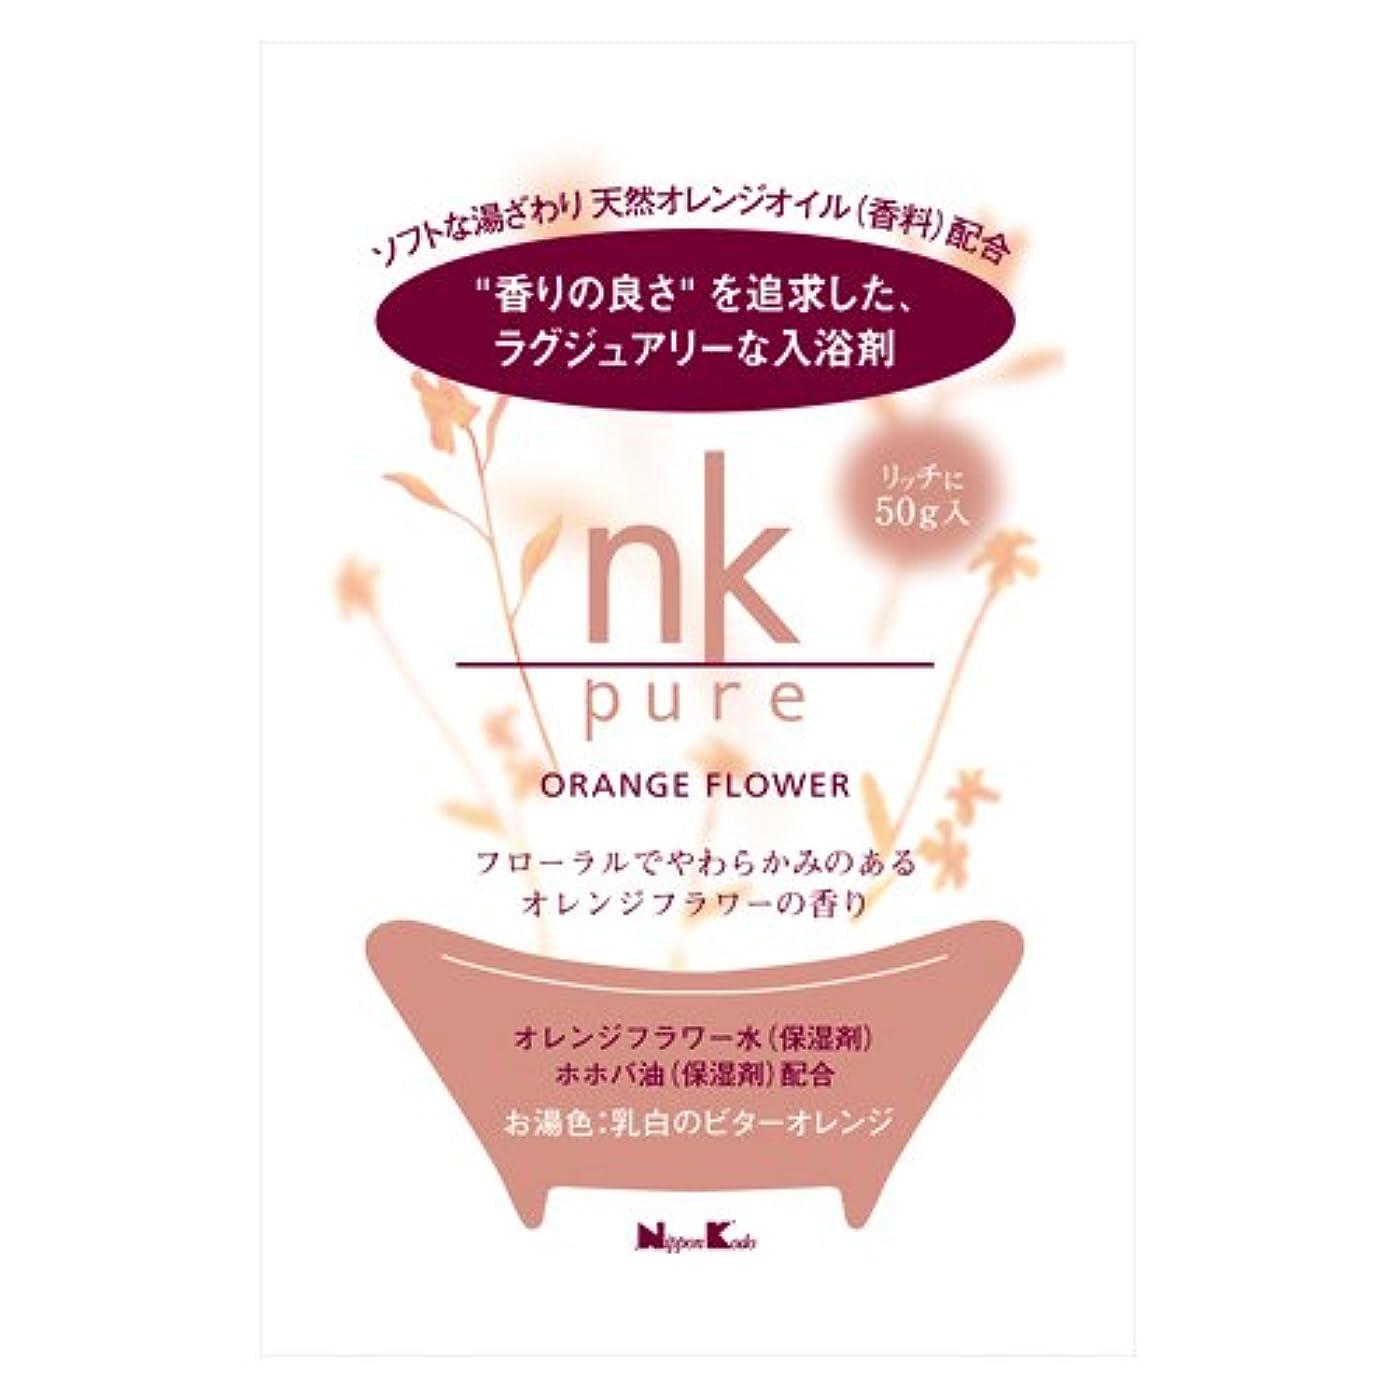 脱走ちょうつがいストレスの多い【X10個セット】 nk pure 入浴剤 オレンジフラワー 50g